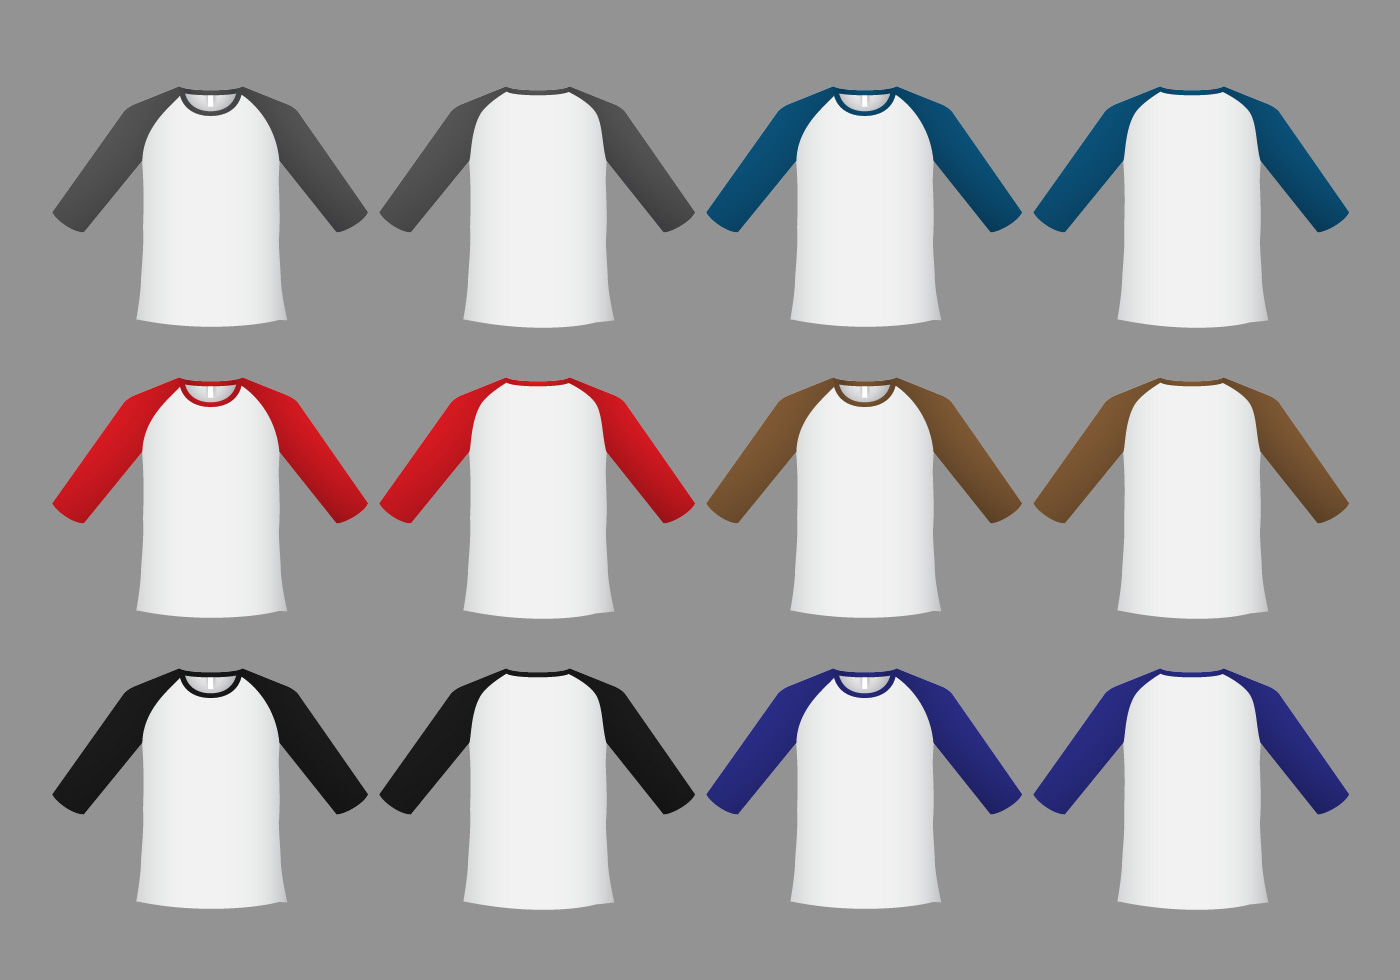 raglan t-shirt template vector